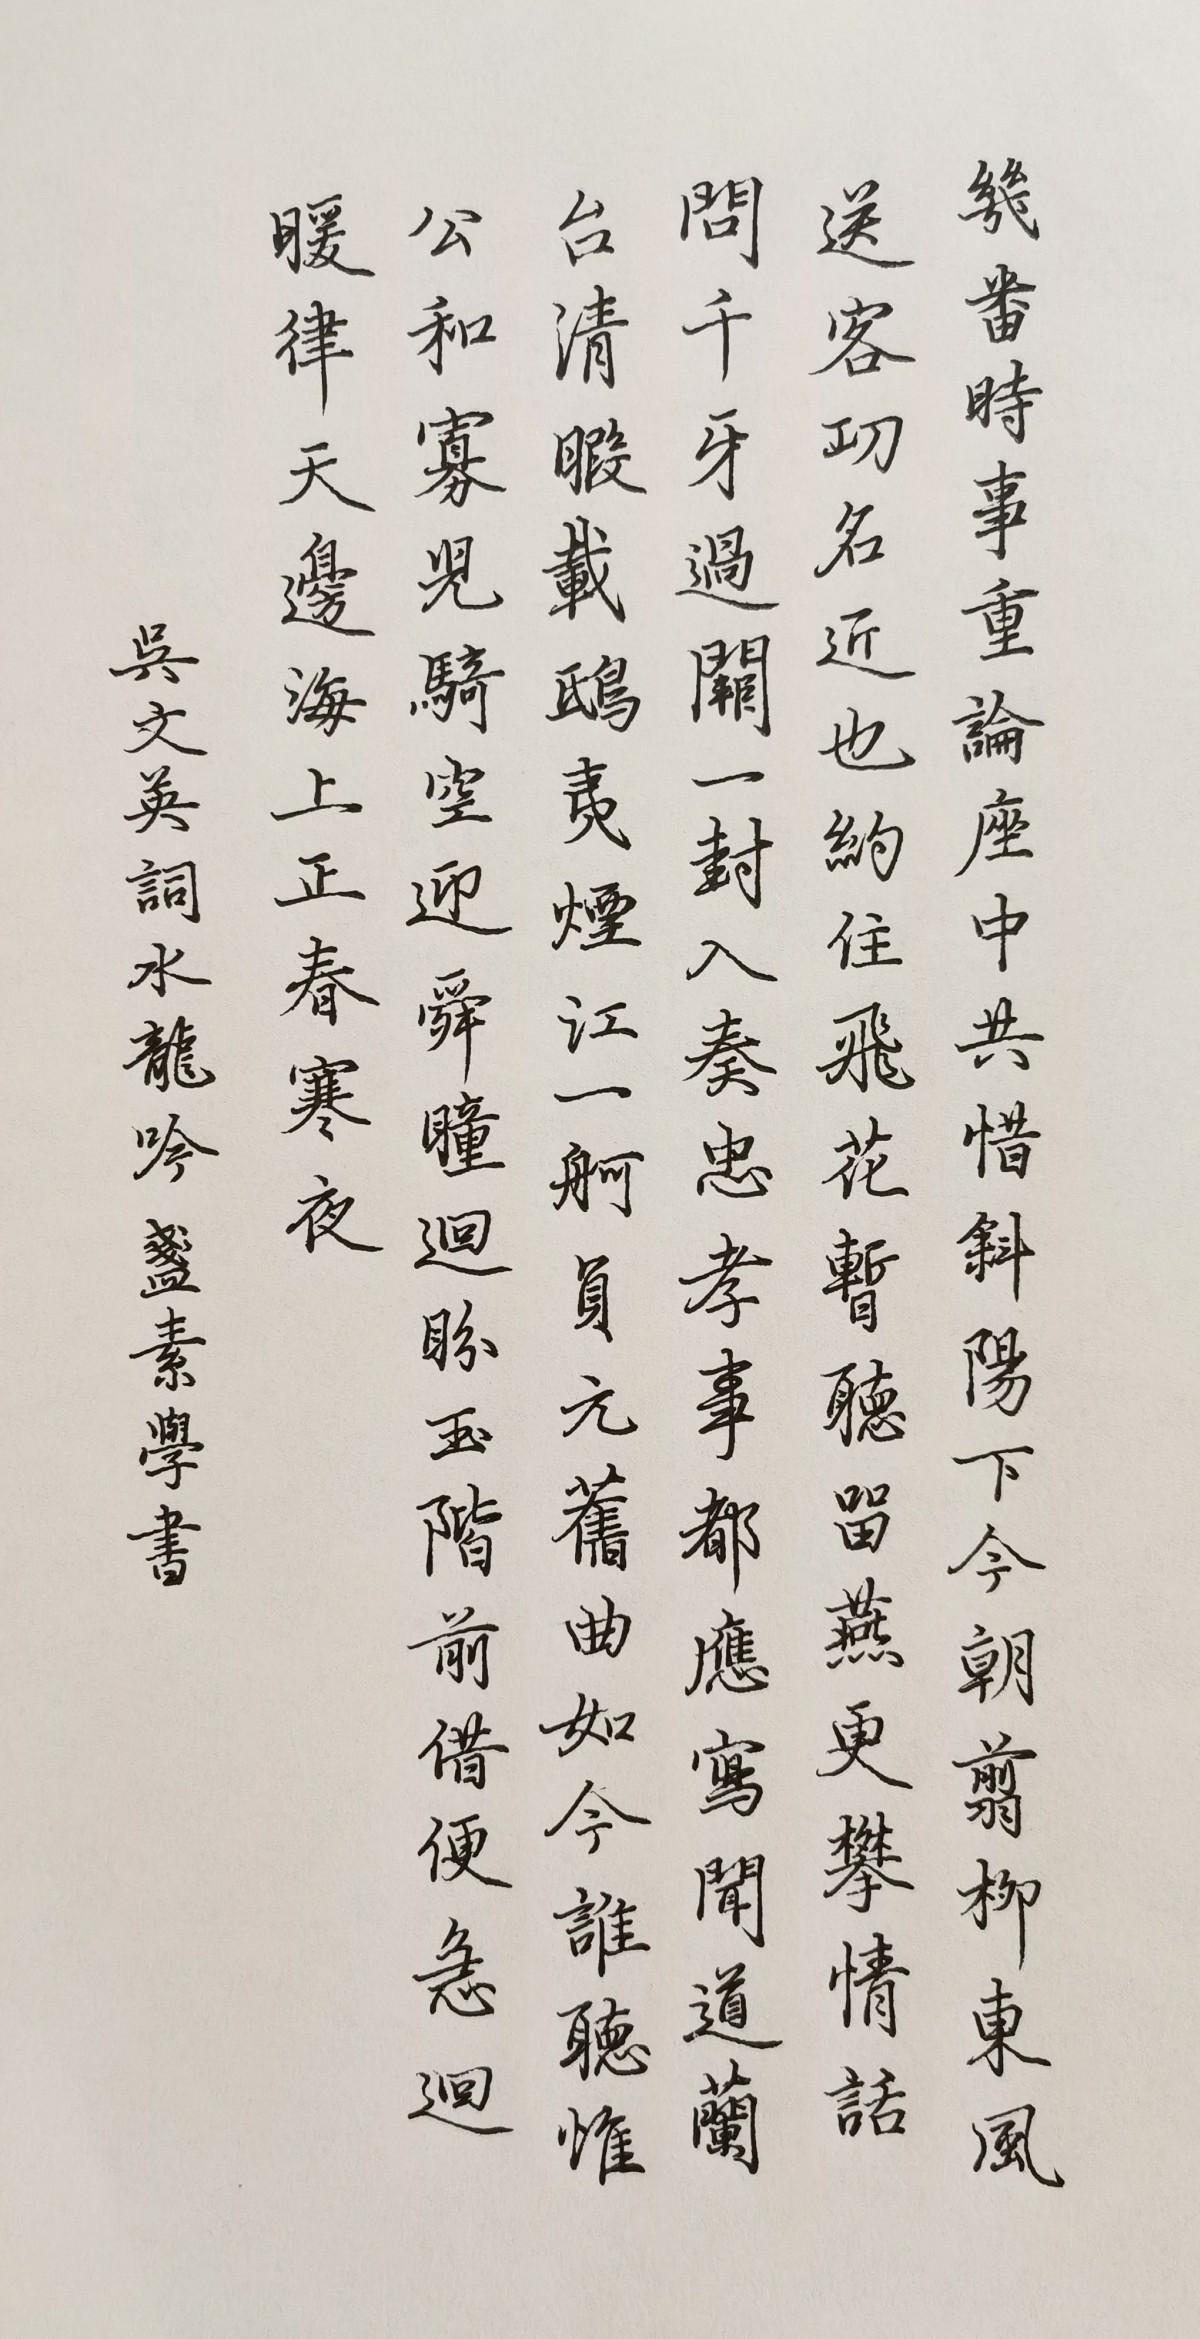 钢笔爱好者练字打卡20210126-04